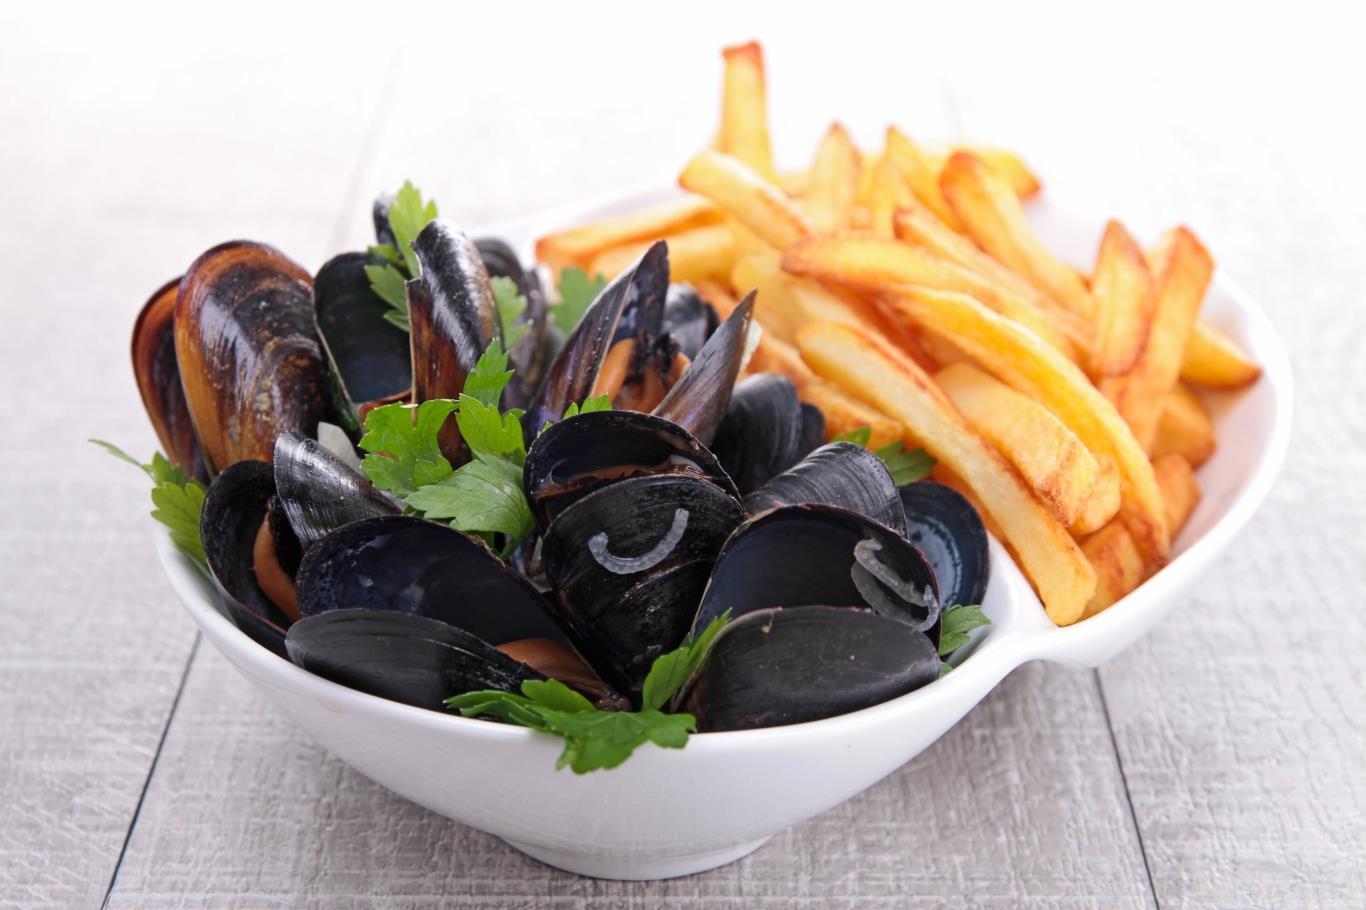 Món ăn gồm trai và khoai tây rán này có mặt ở nhiều quốc gia như Pháp và Mĩ, nhưng ngon nhất phải là ở Bỉ. Trai được chế biến theo nhiều cách (nấu với rượu, bơ, rau thơm hoặc với nước dùng từ cà chua), ăn cùng khoai tây rán giòn tẩm muối. Bạn nên thưởng thức món này với một cốc bia tươi.